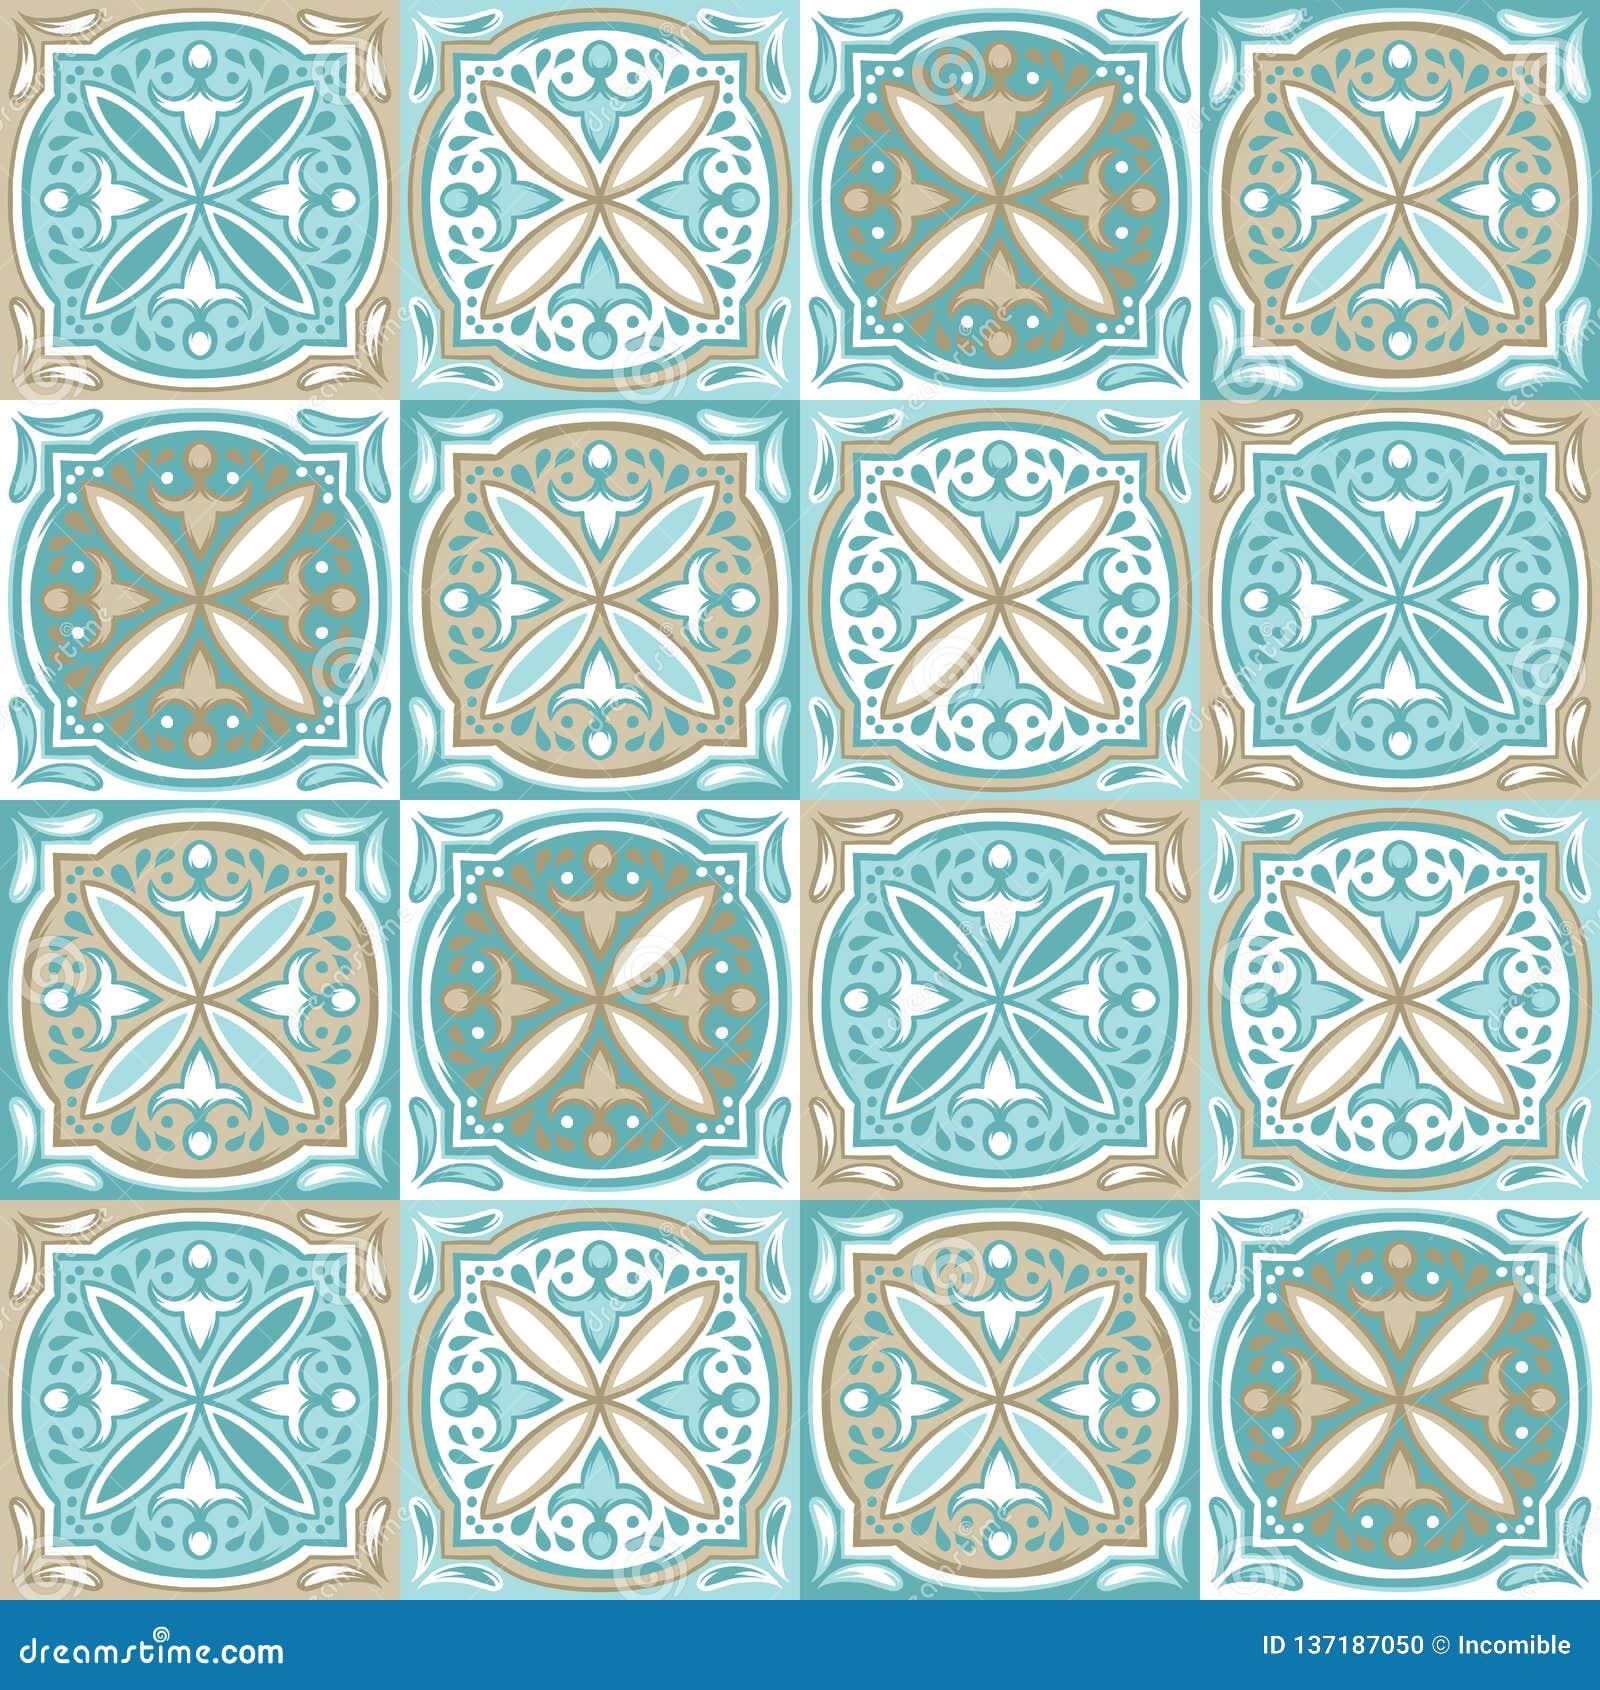 Португальская картина керамической плитки azulejo